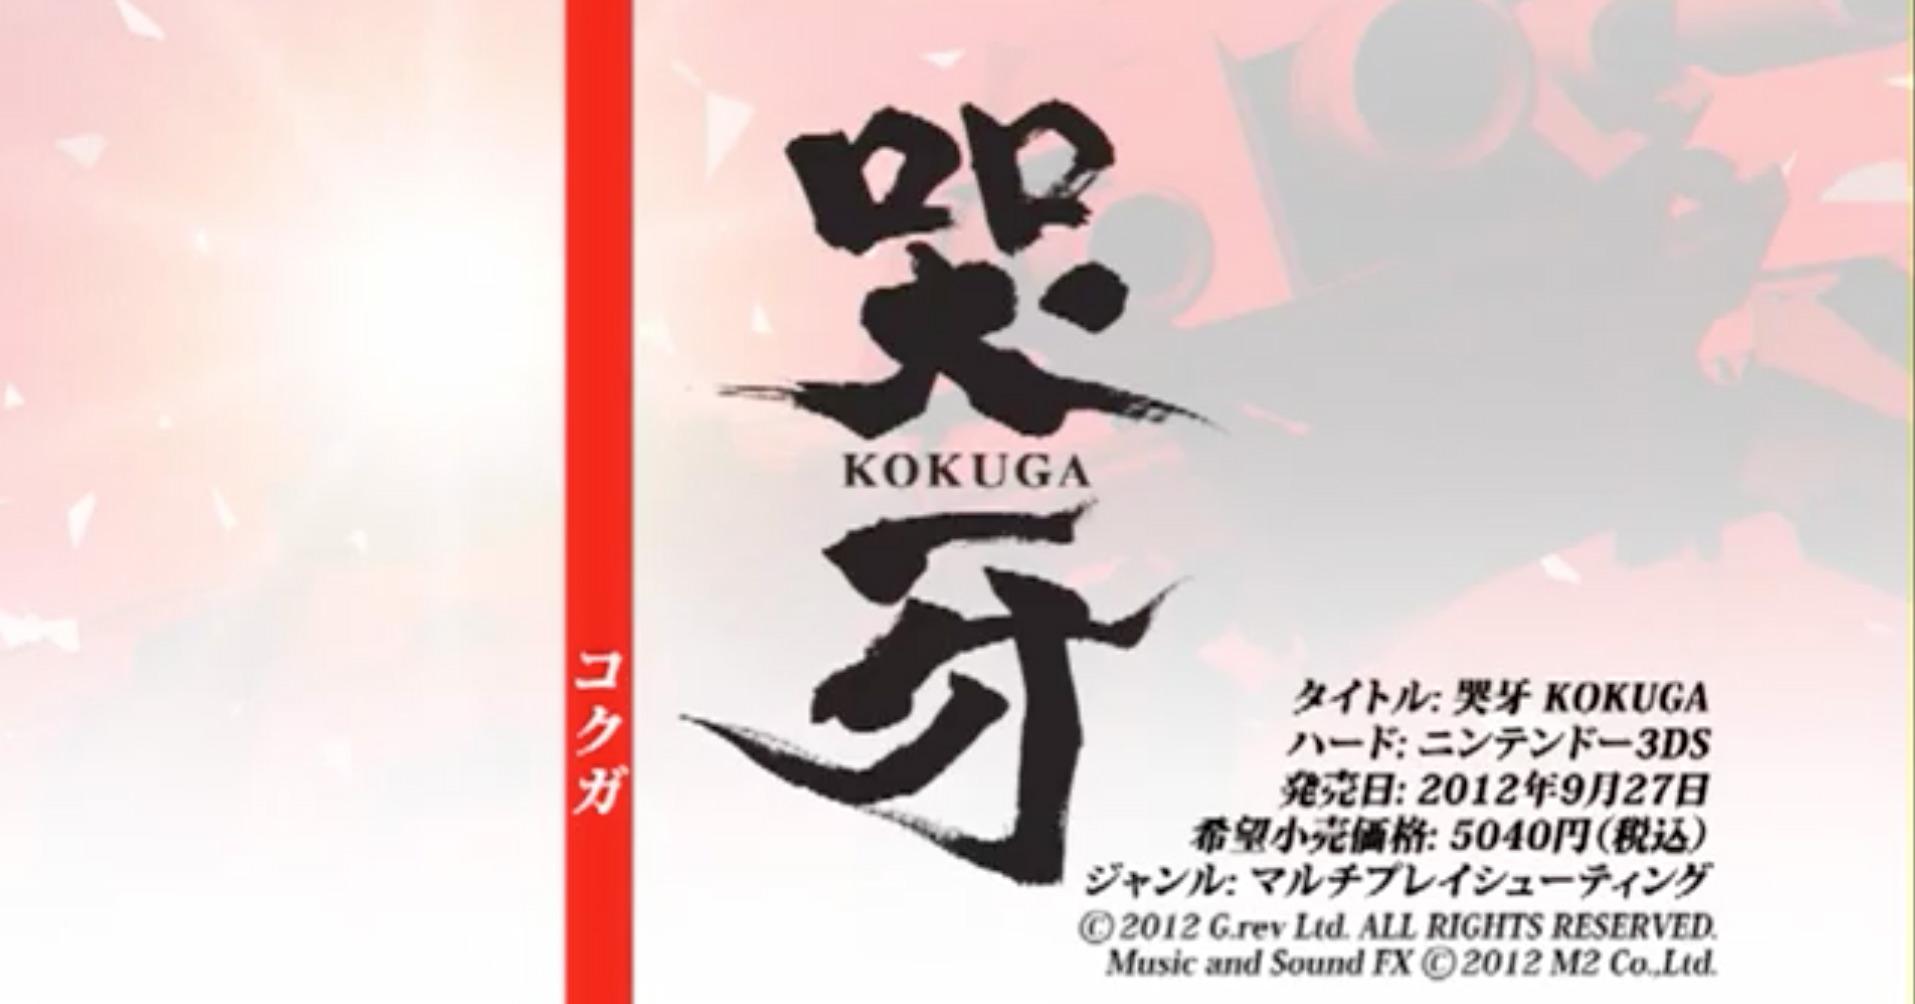 Ikaruga dev Hiroshi Iuchi bringing new shooter Kokuga to 3DS this month